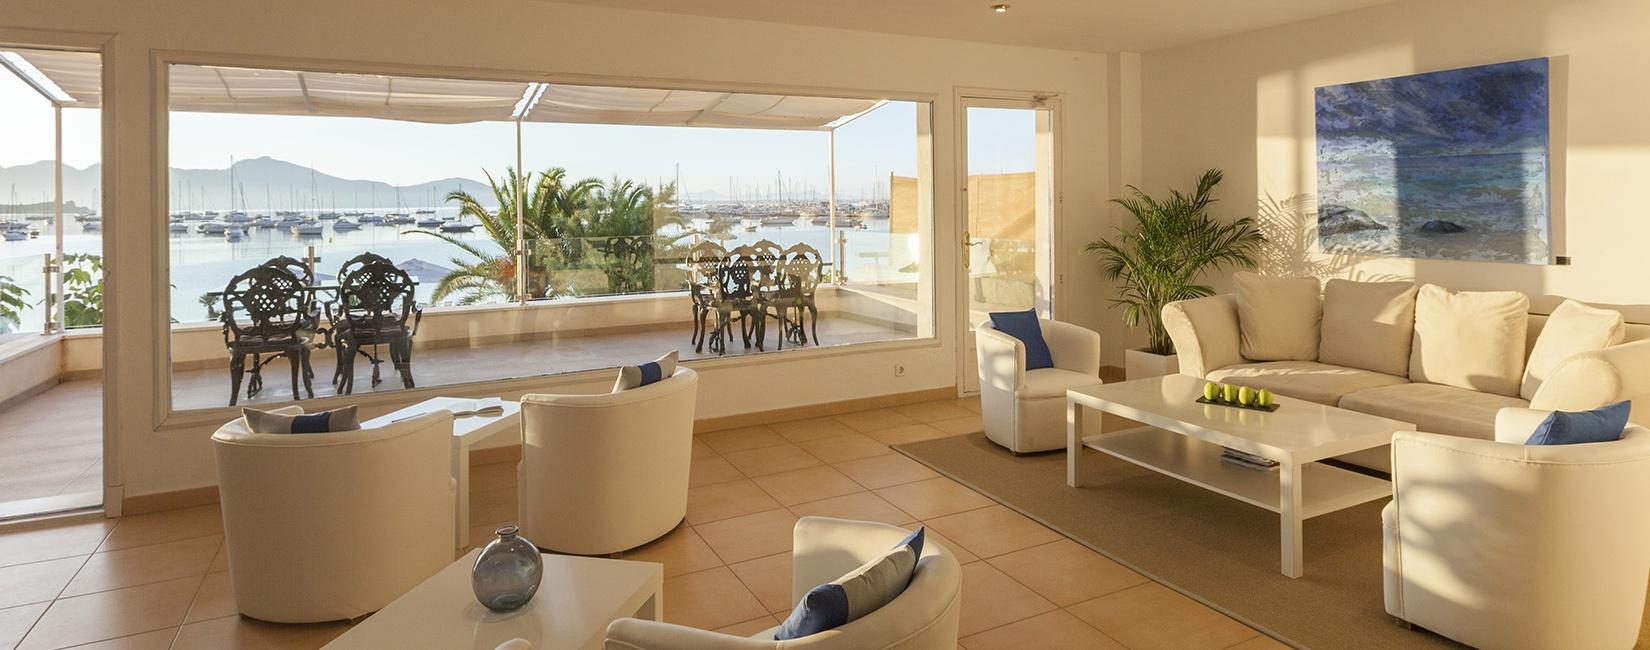 TERRAZA Hotel Capri